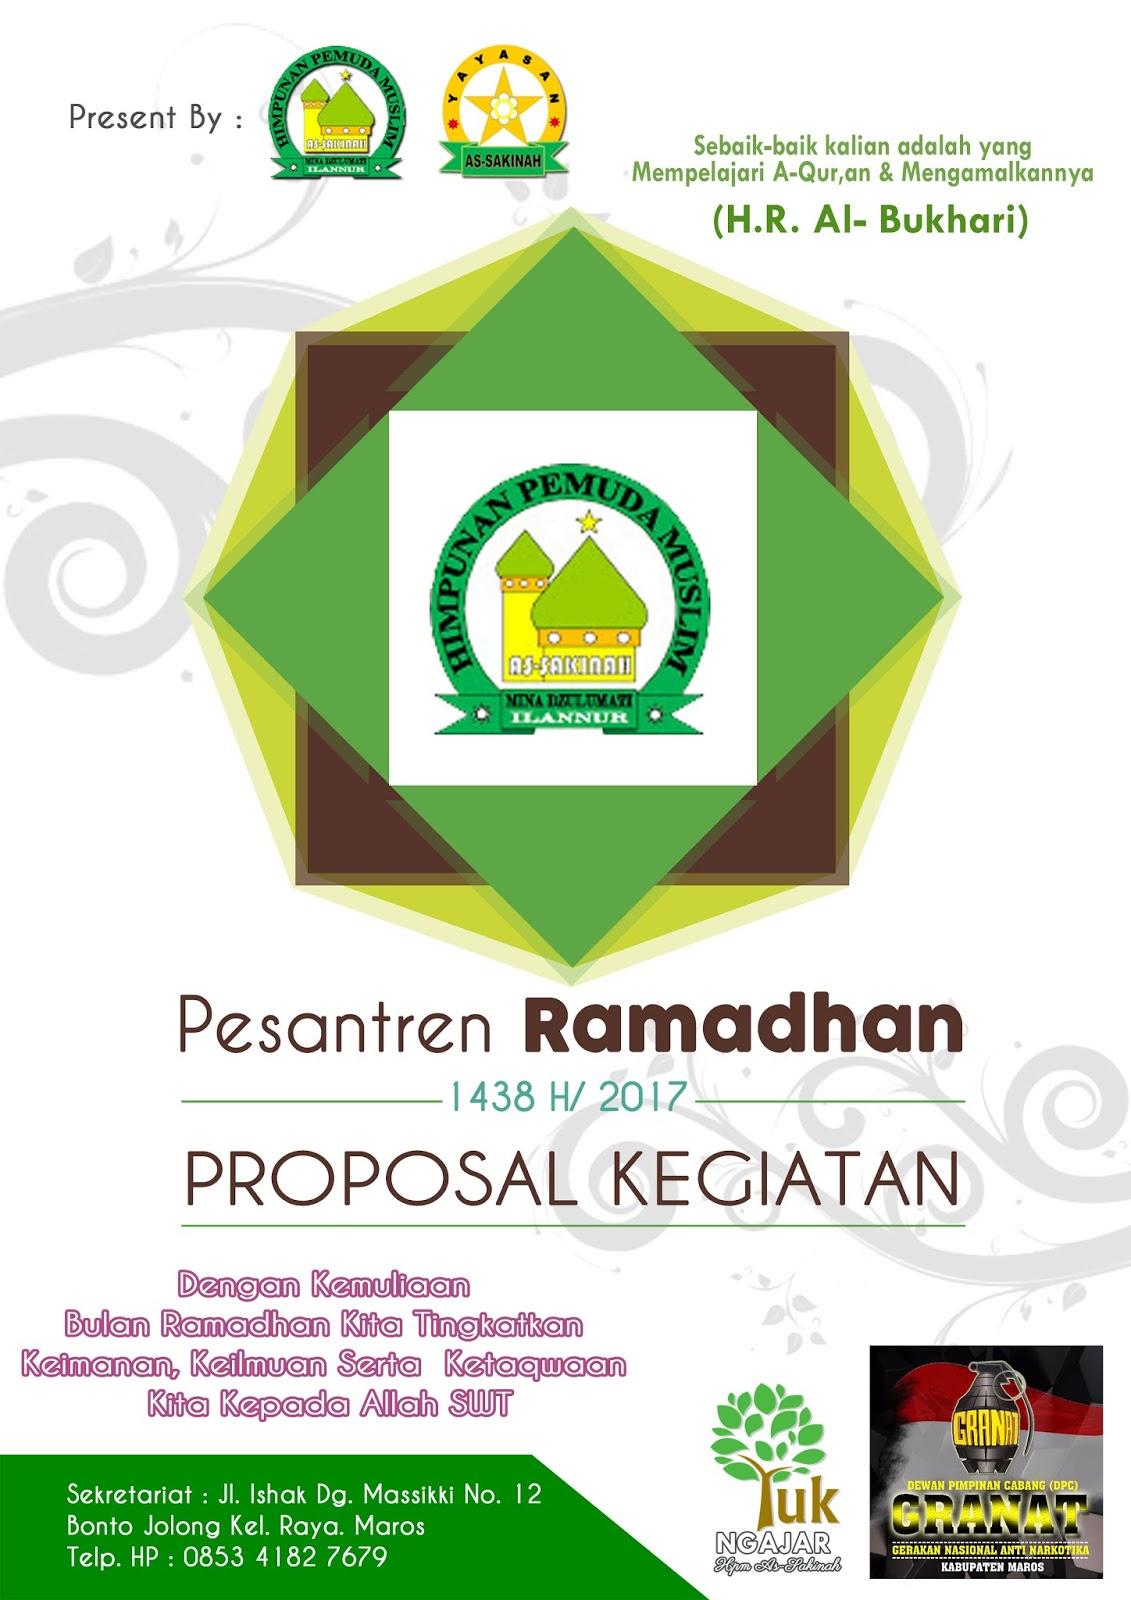 Hpm As Sakinah Proposal Kegiatan Bulan Ramadhan 1438 H